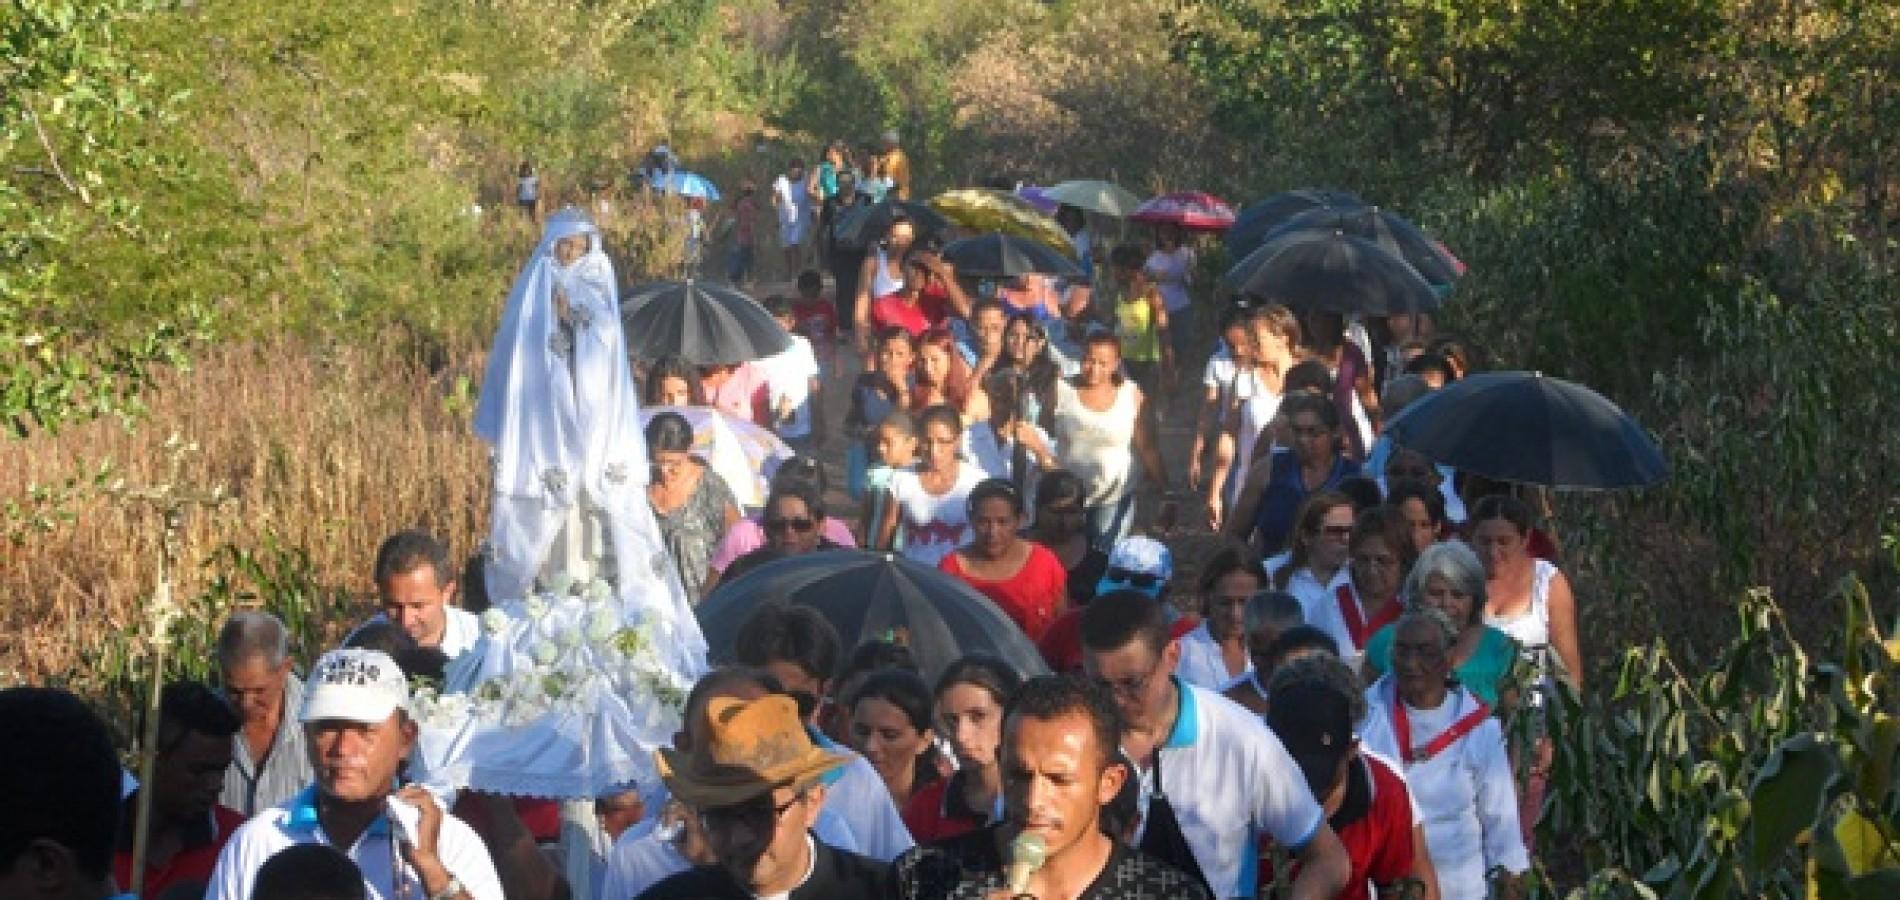 Centenas de católicos festejam Nossa Senhora de Fátima em Simões; veja fotos